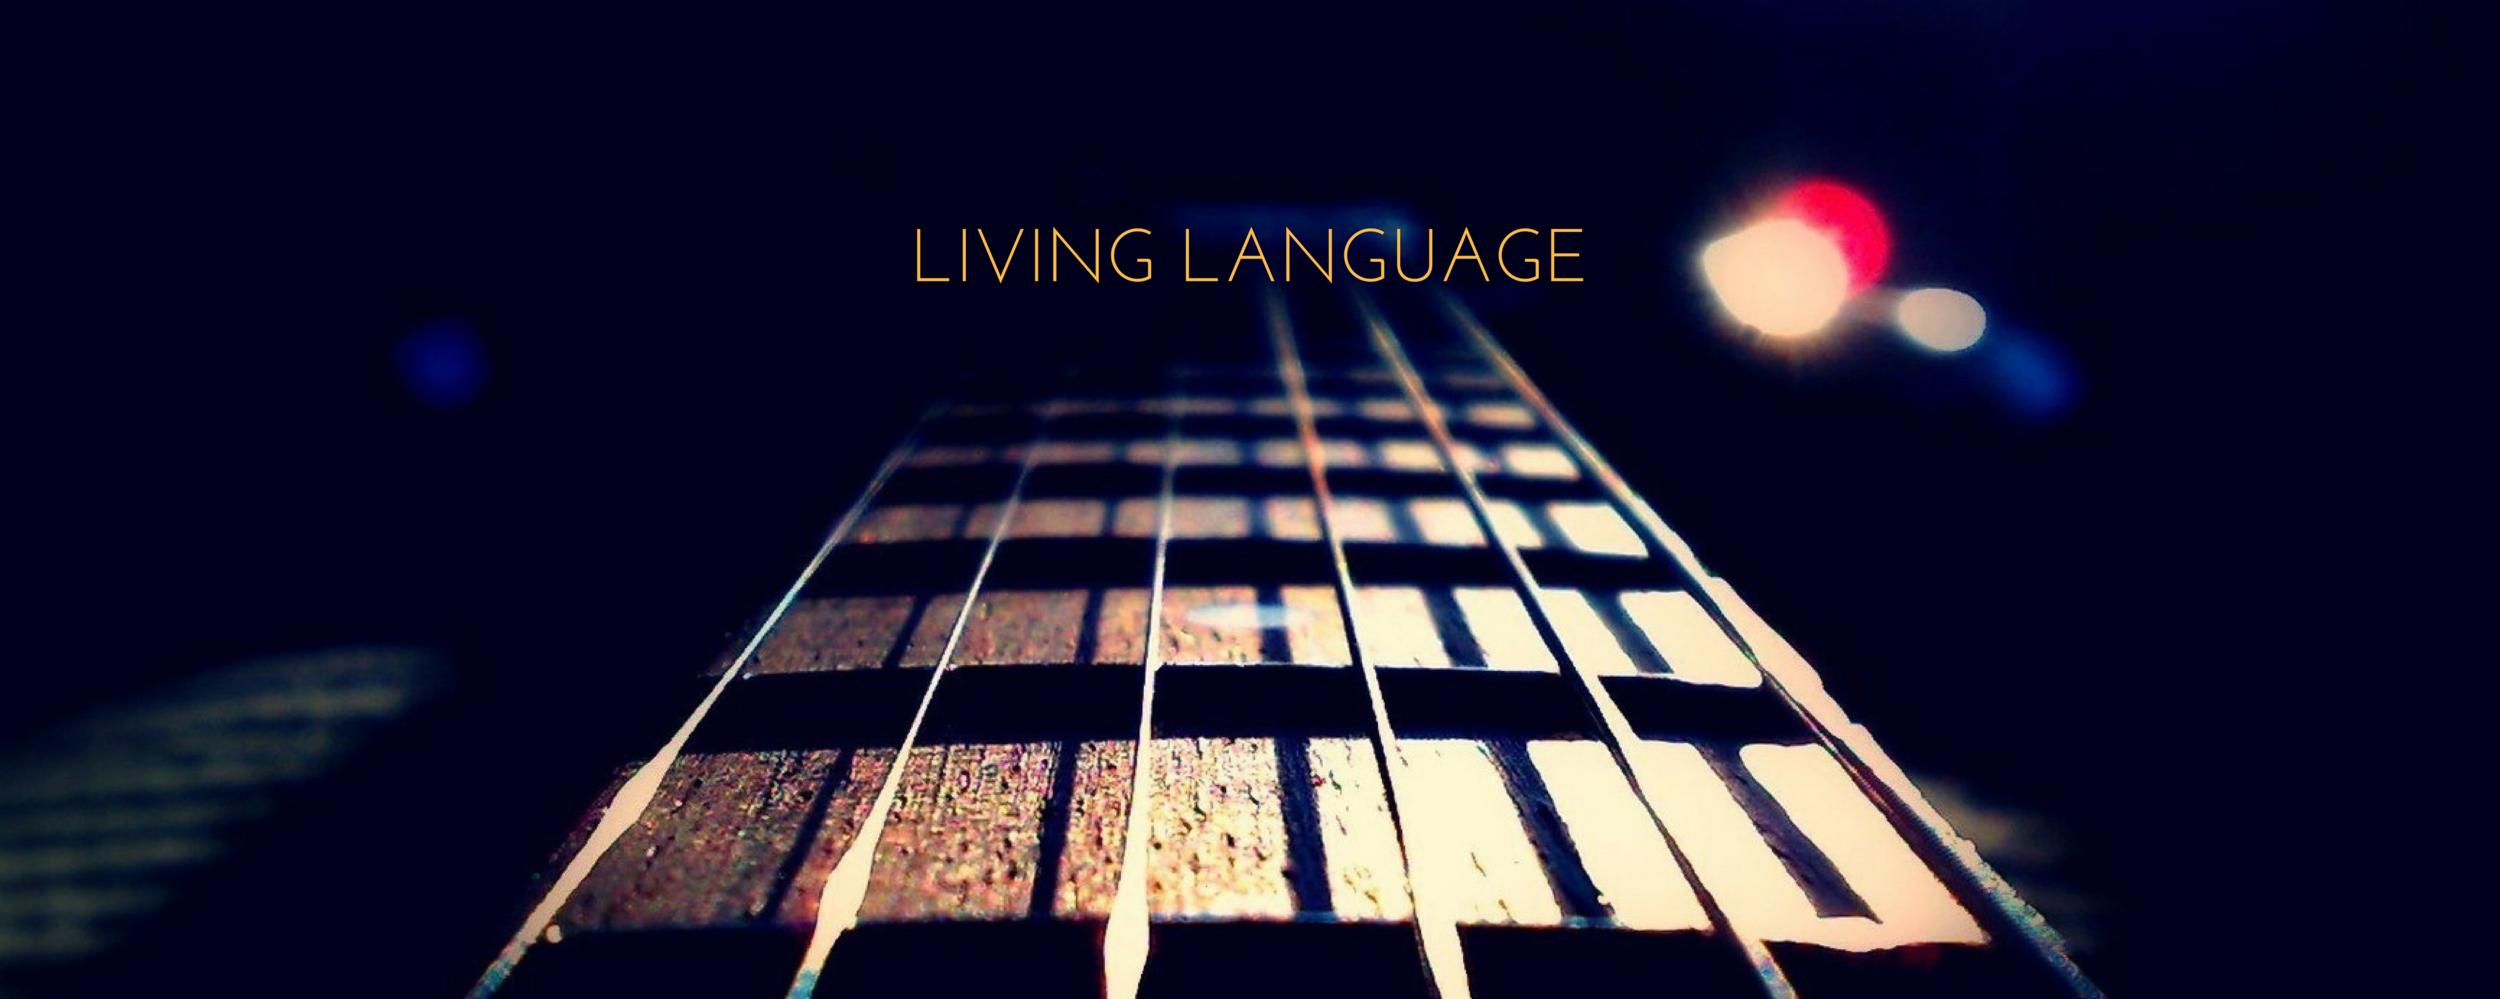 Living-Language.png